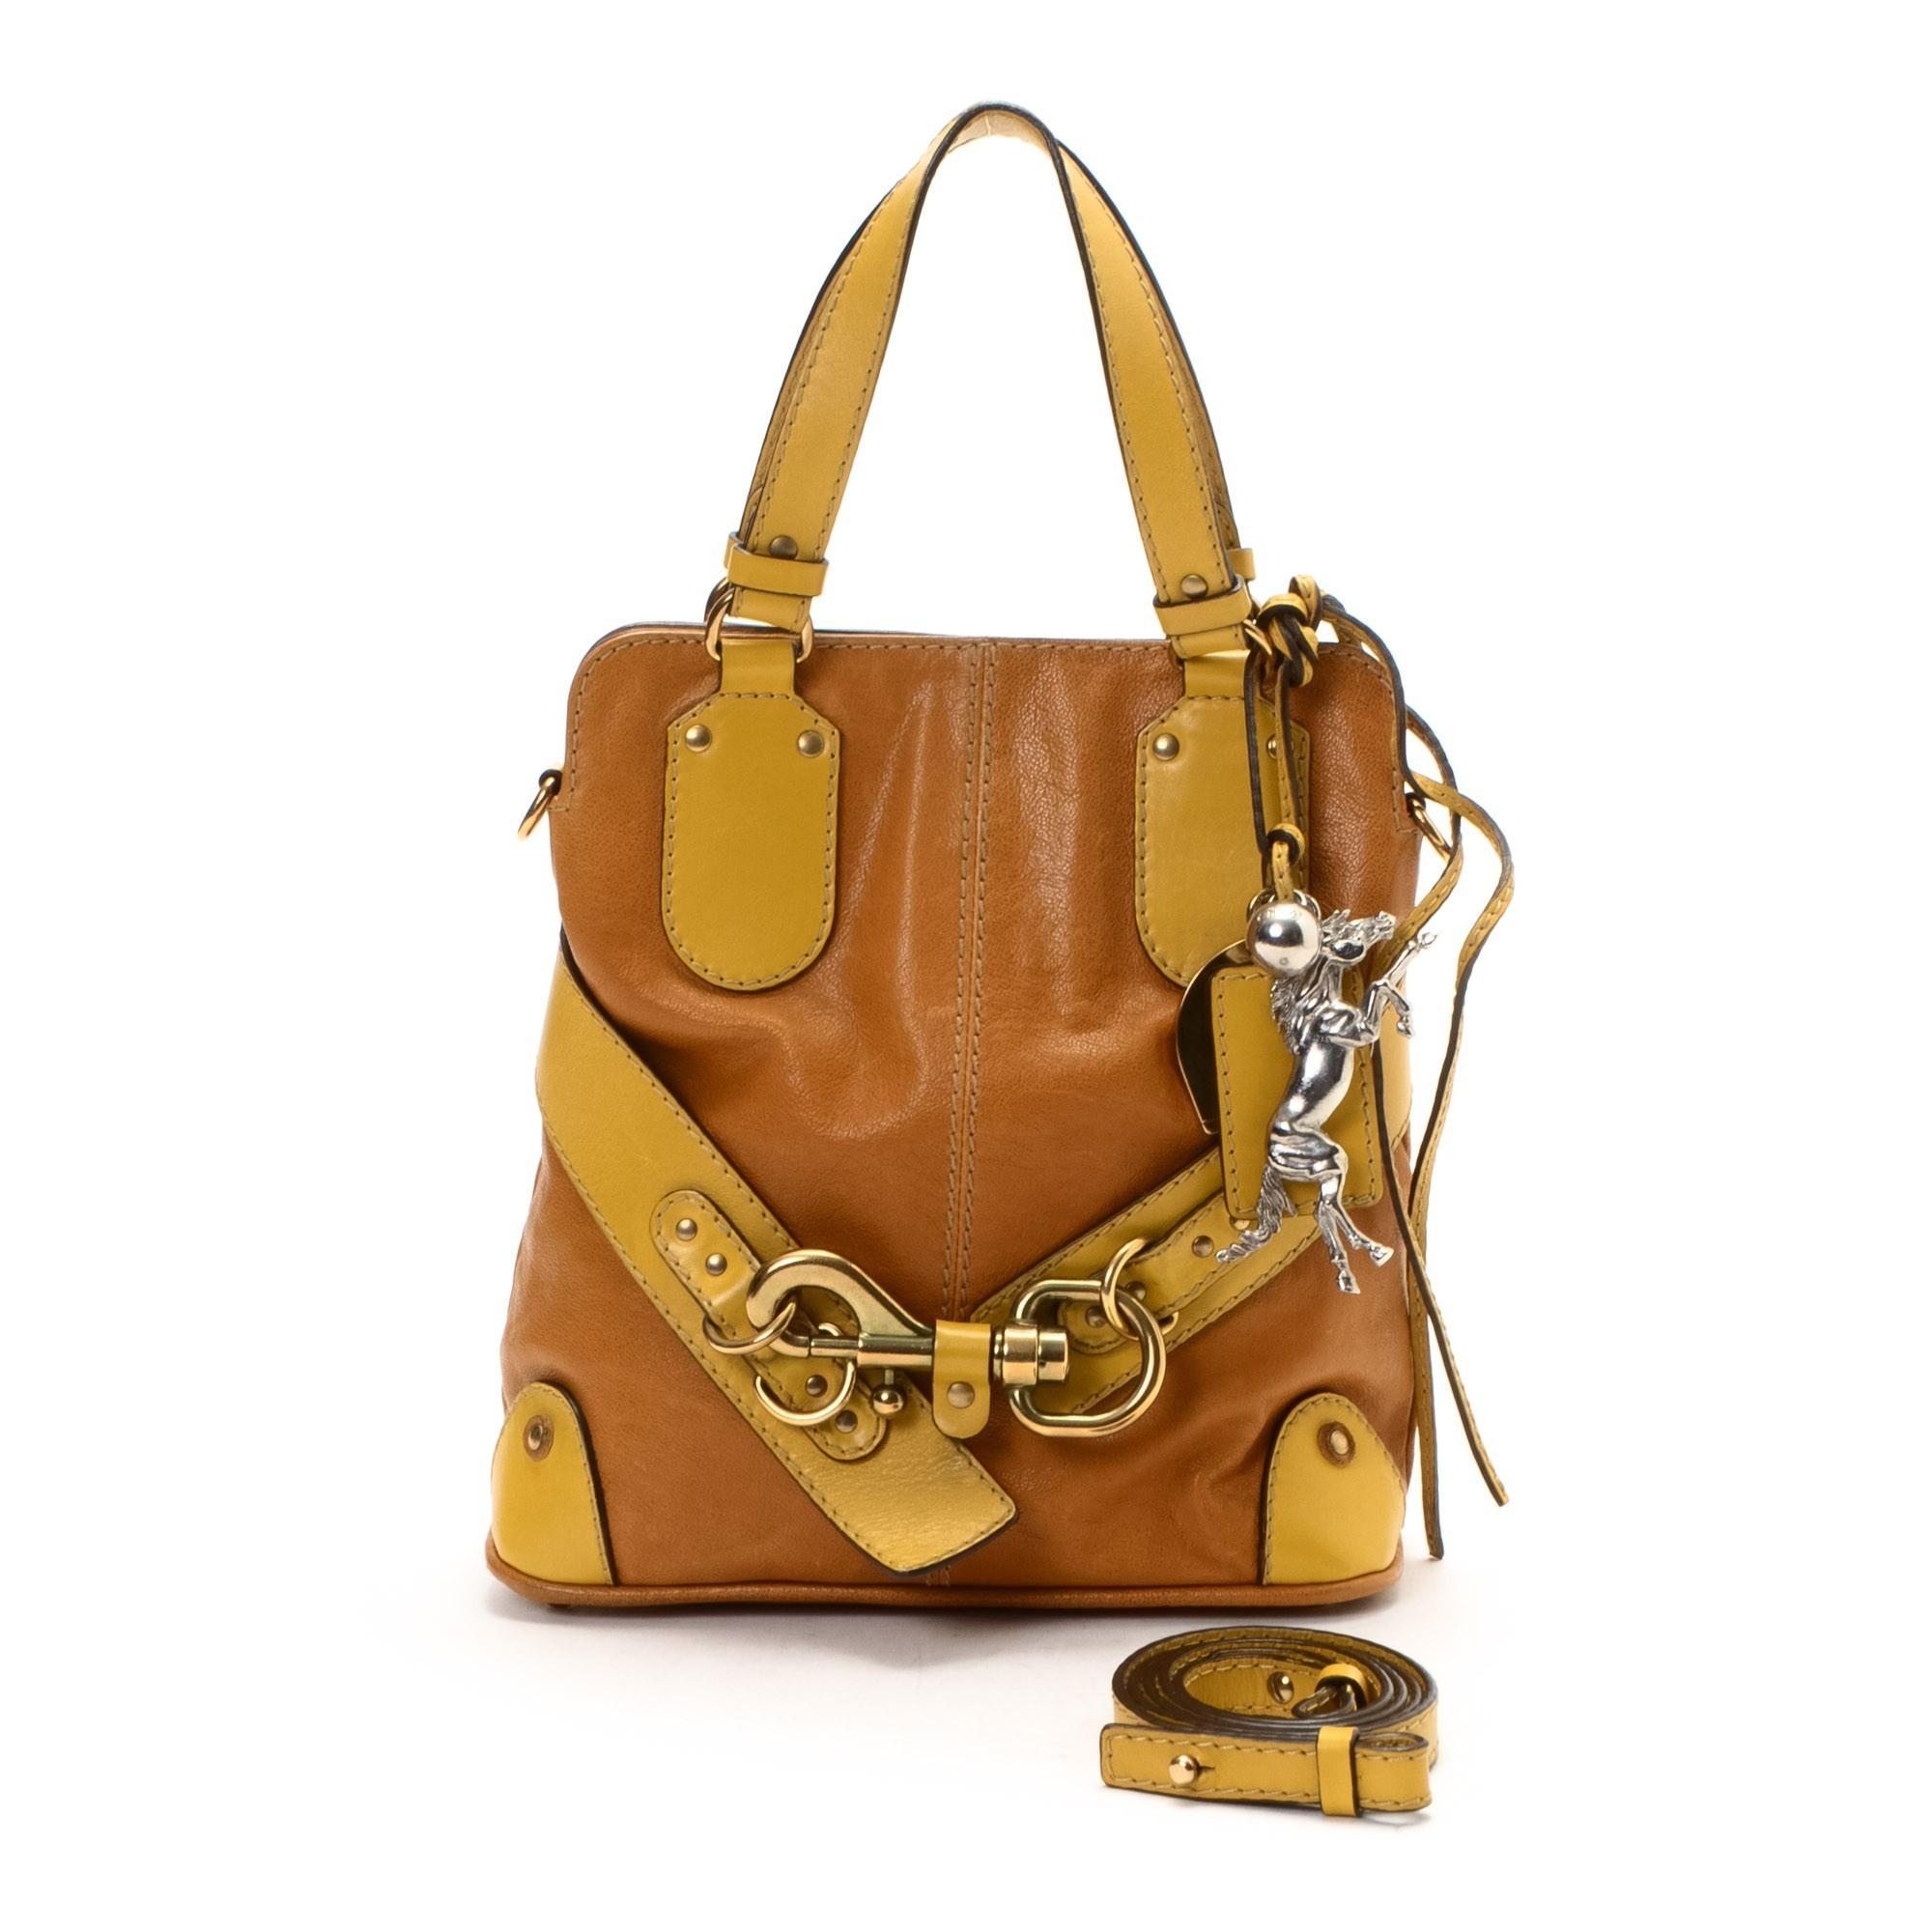 Chlo¨¦ Two Way Bag Leather Shoulder Bag - LXR\u0026amp;CO Vintage Luxury